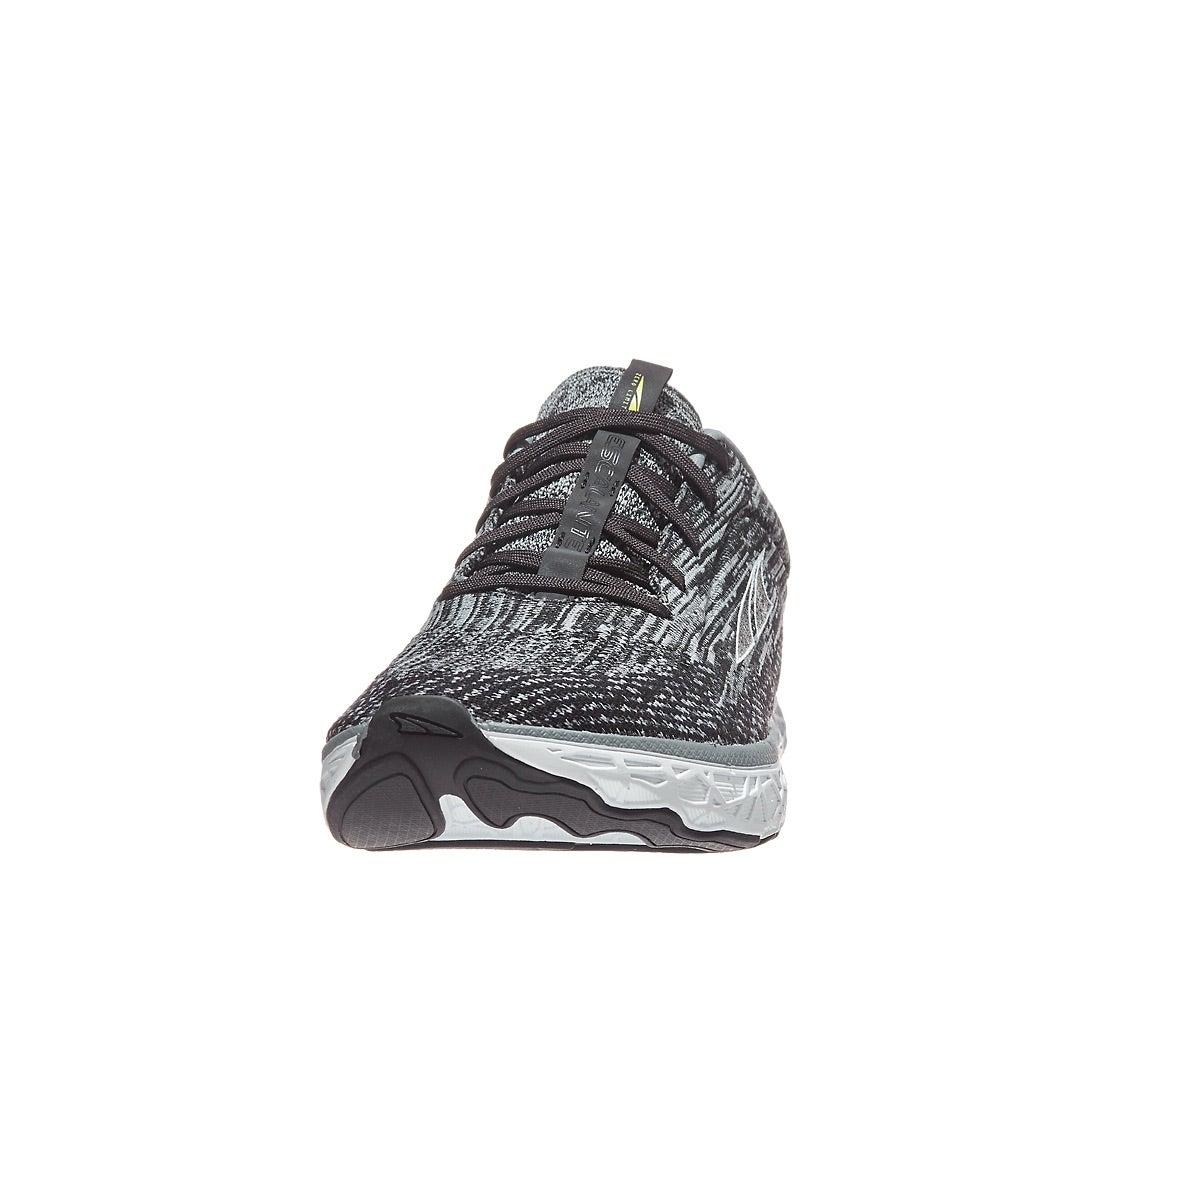 Altra Escalante 2 Men's Shoes Gray 360